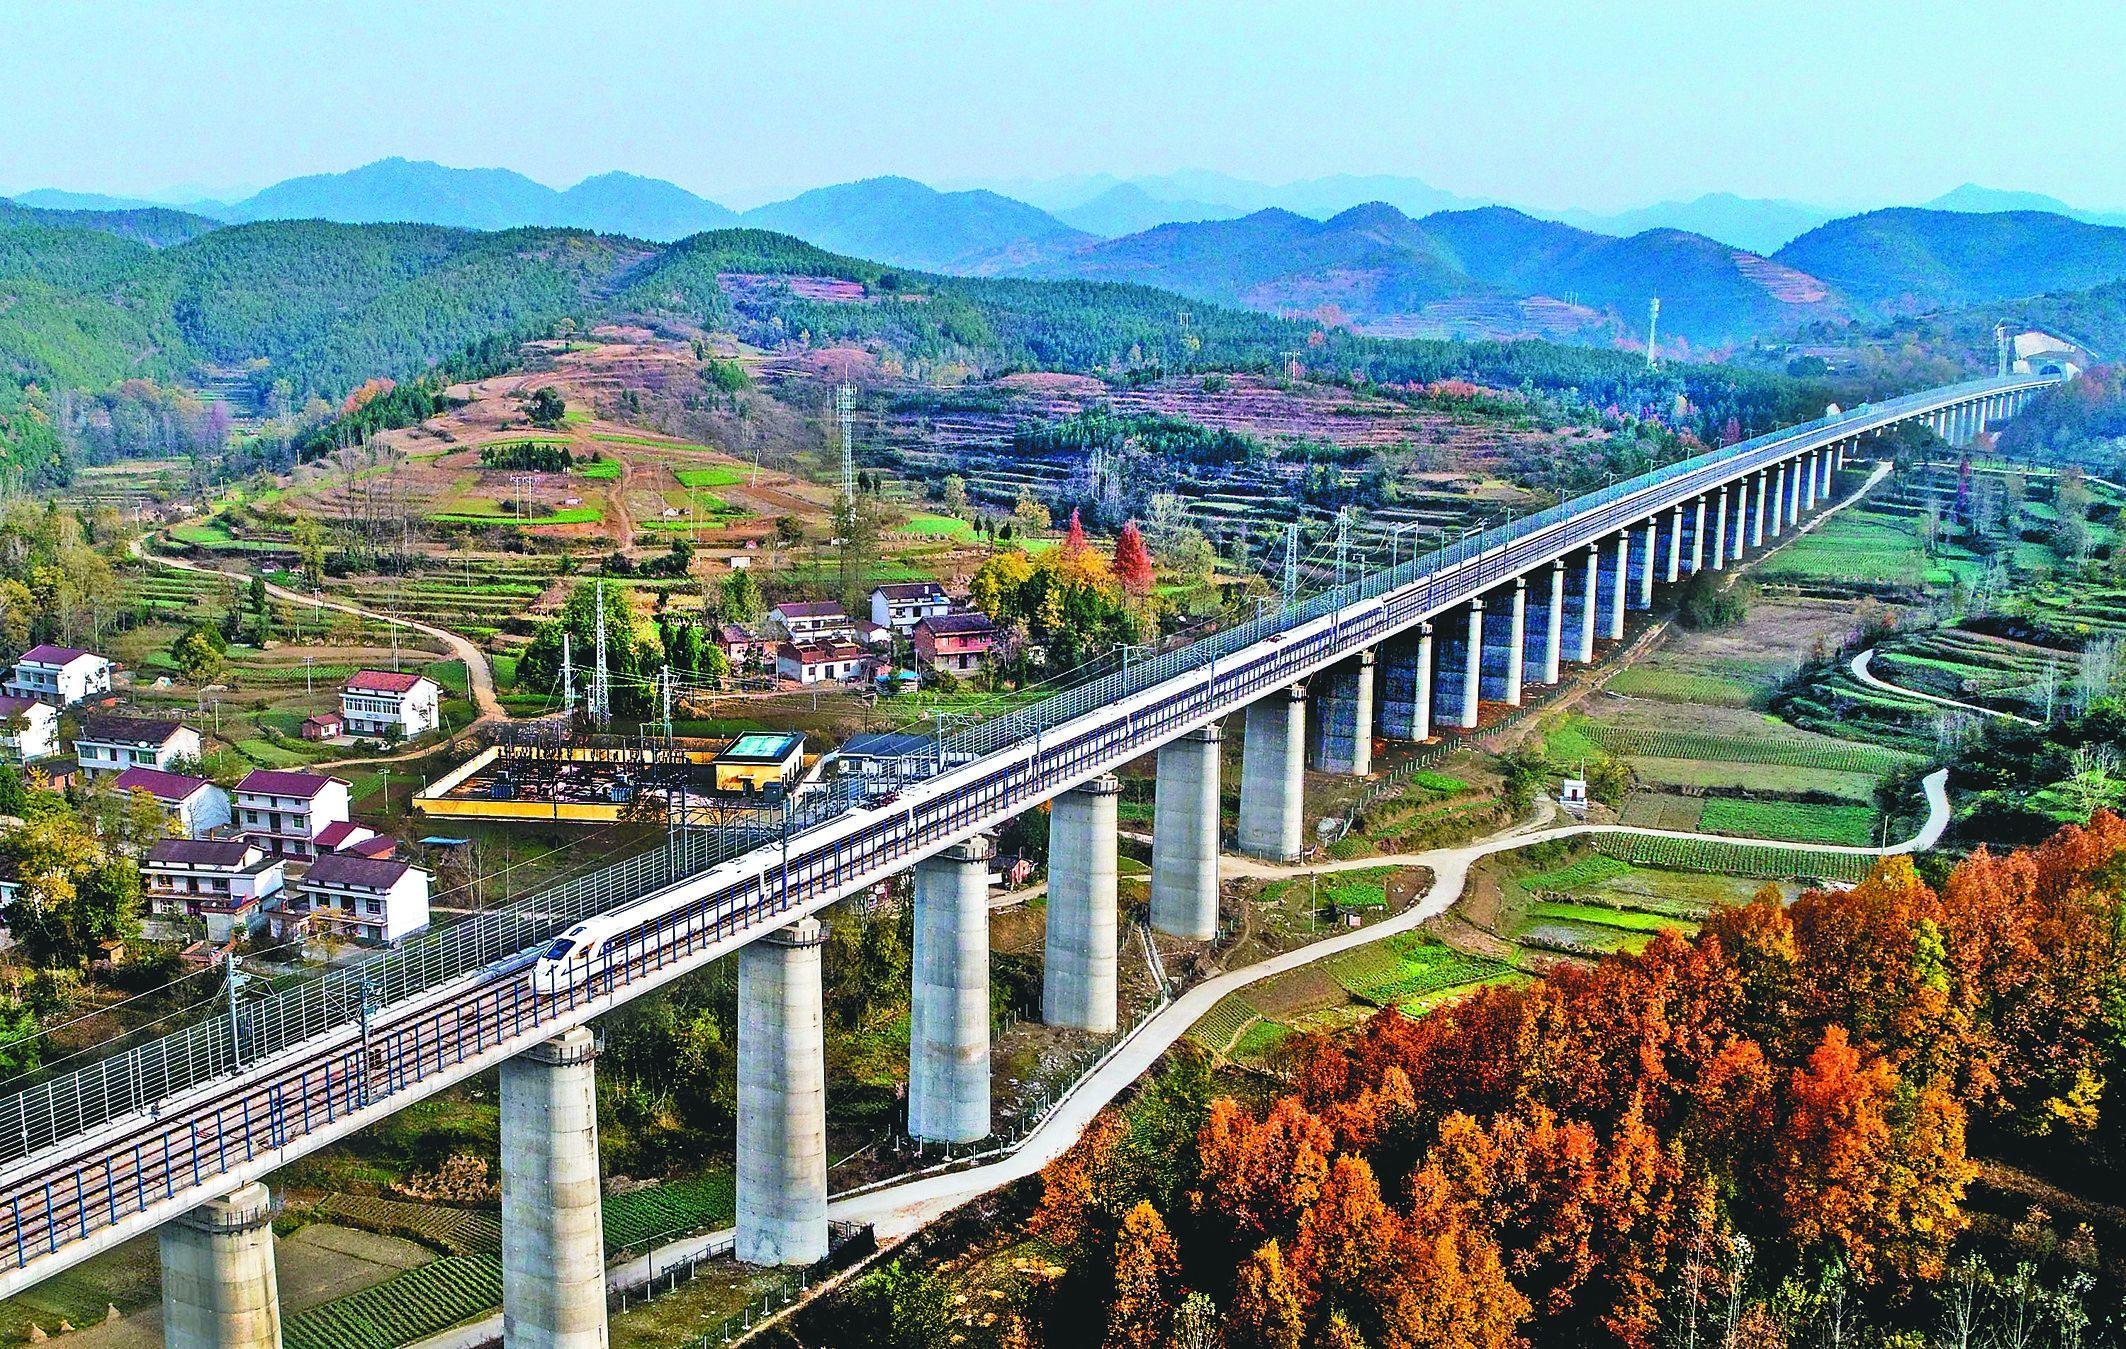 我國首條穿秦嶺高鐵,全程帶剎車輔軌,車站大都建在橋上或隧道內